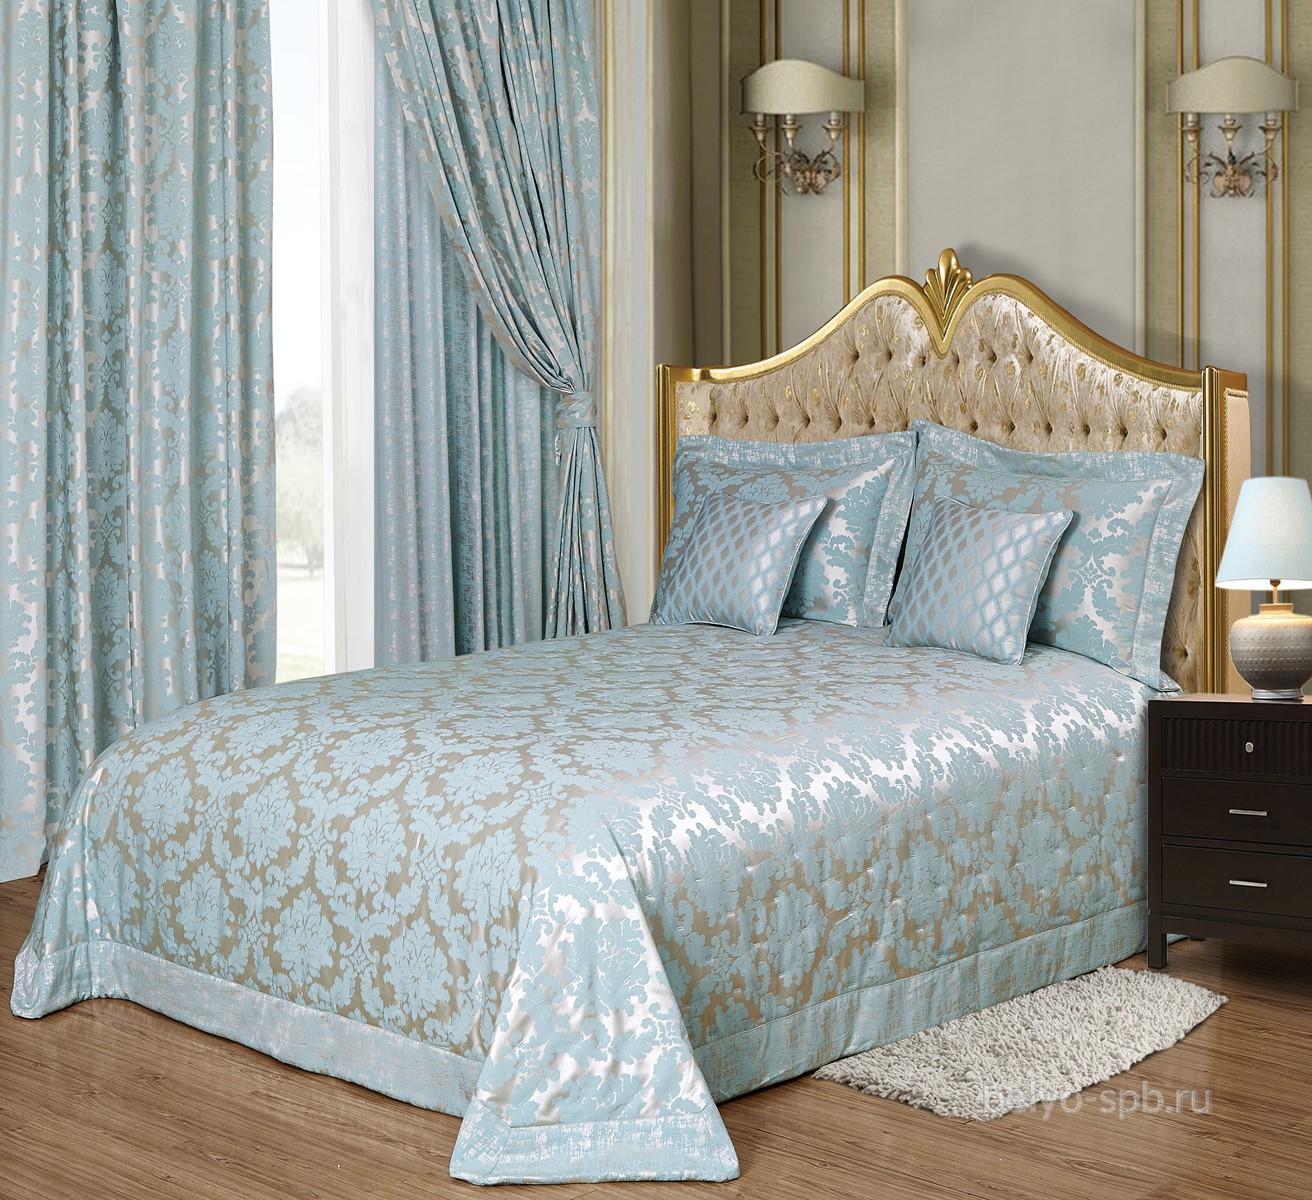 комплект для спальни арт 38 покрывало наволочки шторы купить в